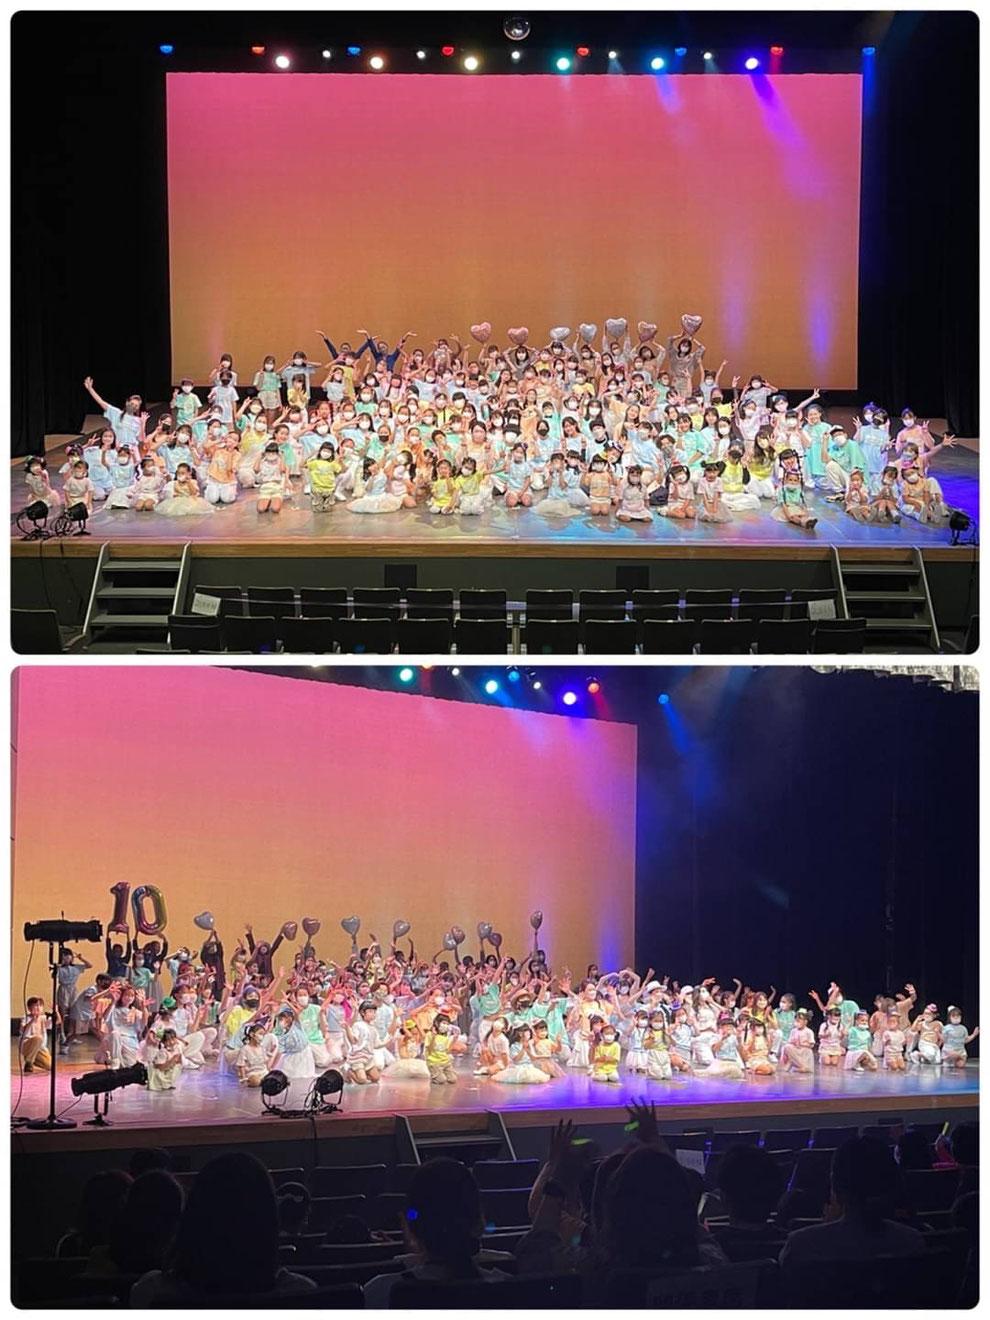 mama'coFAMILY~所沢ダンスクラブ~のHP画像